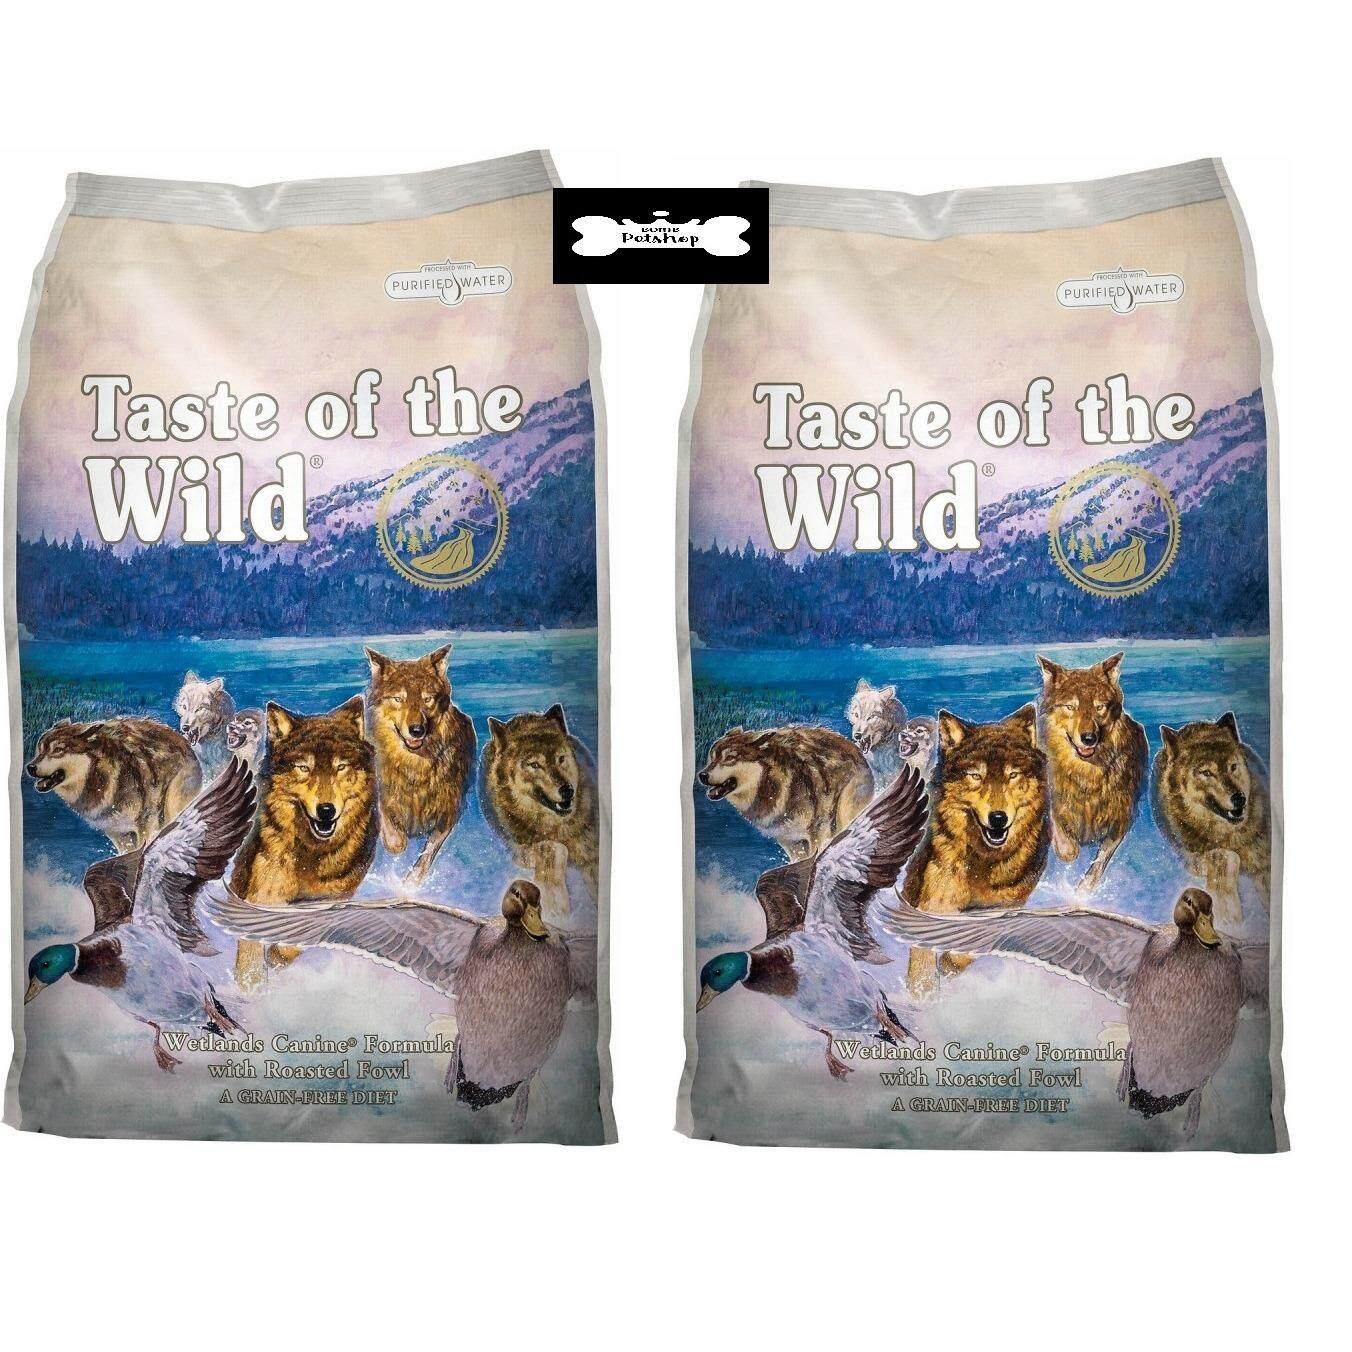 ราคา Taste Of The Wild Roasted Fowl อาหารสุนัขโต 1 ปีขึ้นไป ขนาด 1 5Lb หรือ 68Kg 1 ถุง แถม 1 ถุง เป็นต้นฉบับ